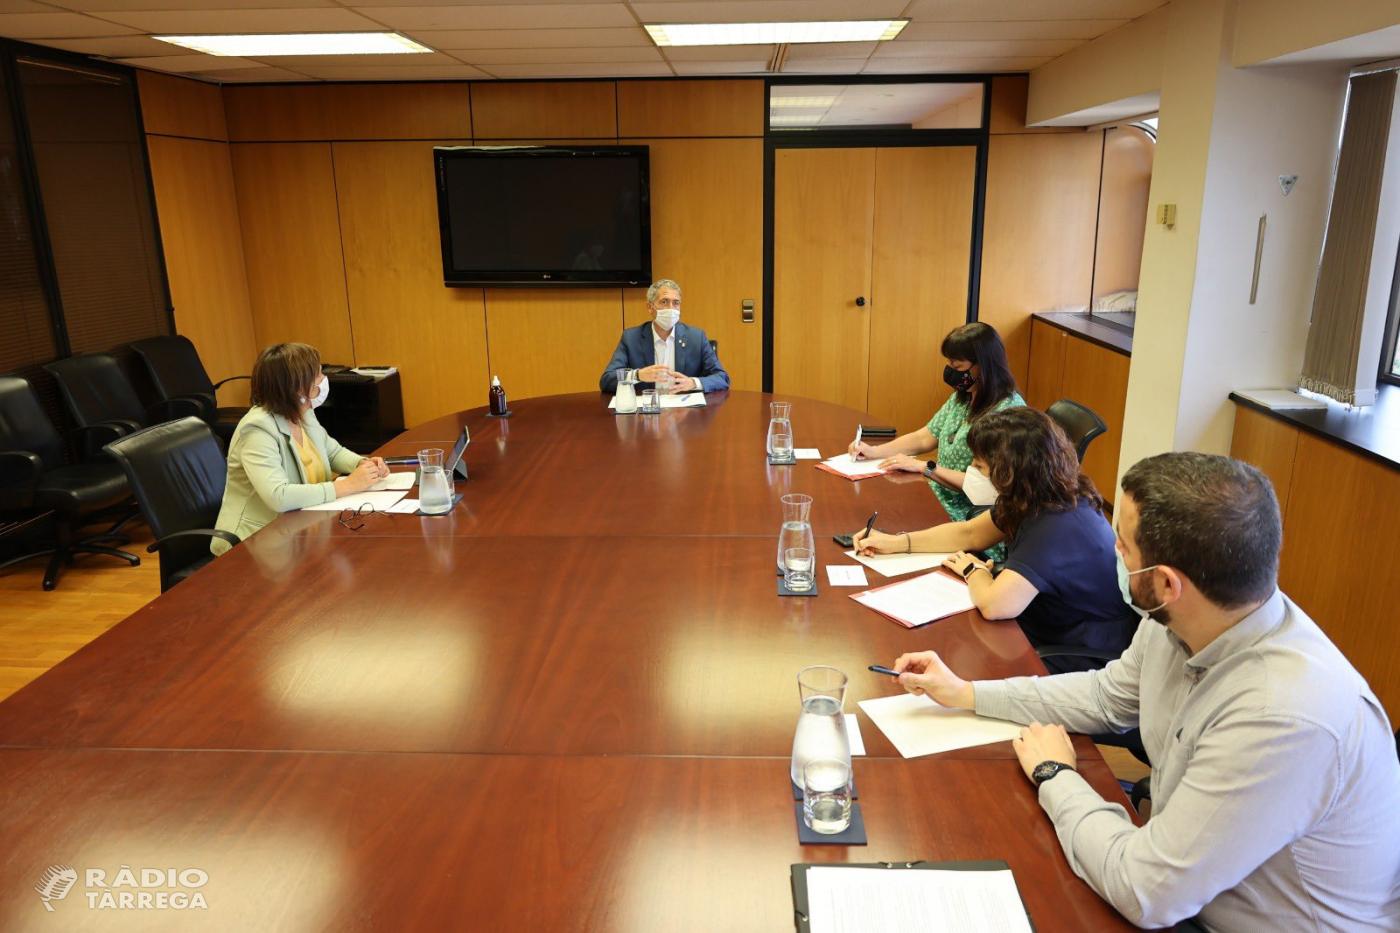 Alba Pijuan Vallverdú com a vicepresidenta de la FMC es reuneix amb el Conseller d'Educació Josep González Cambray